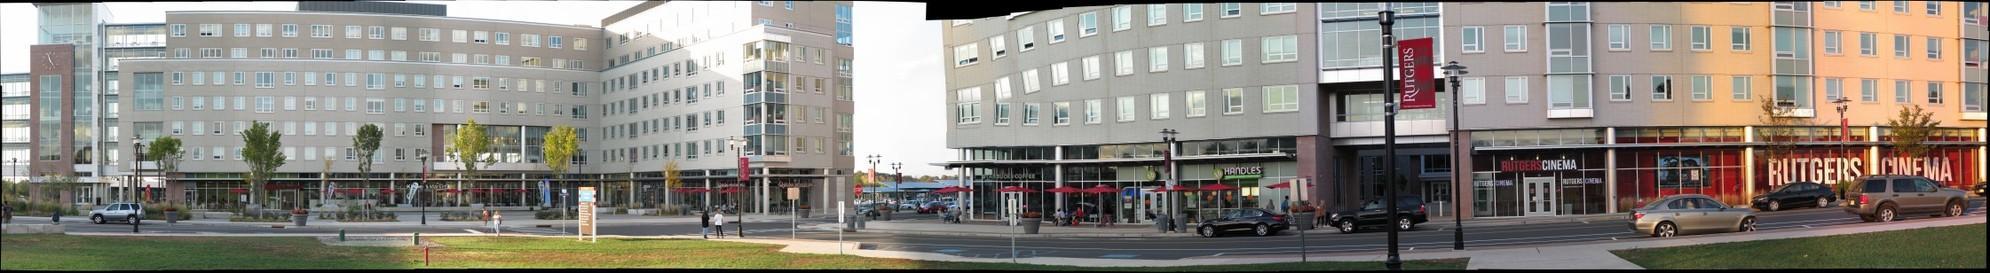 whereRU: Livingston Plaza